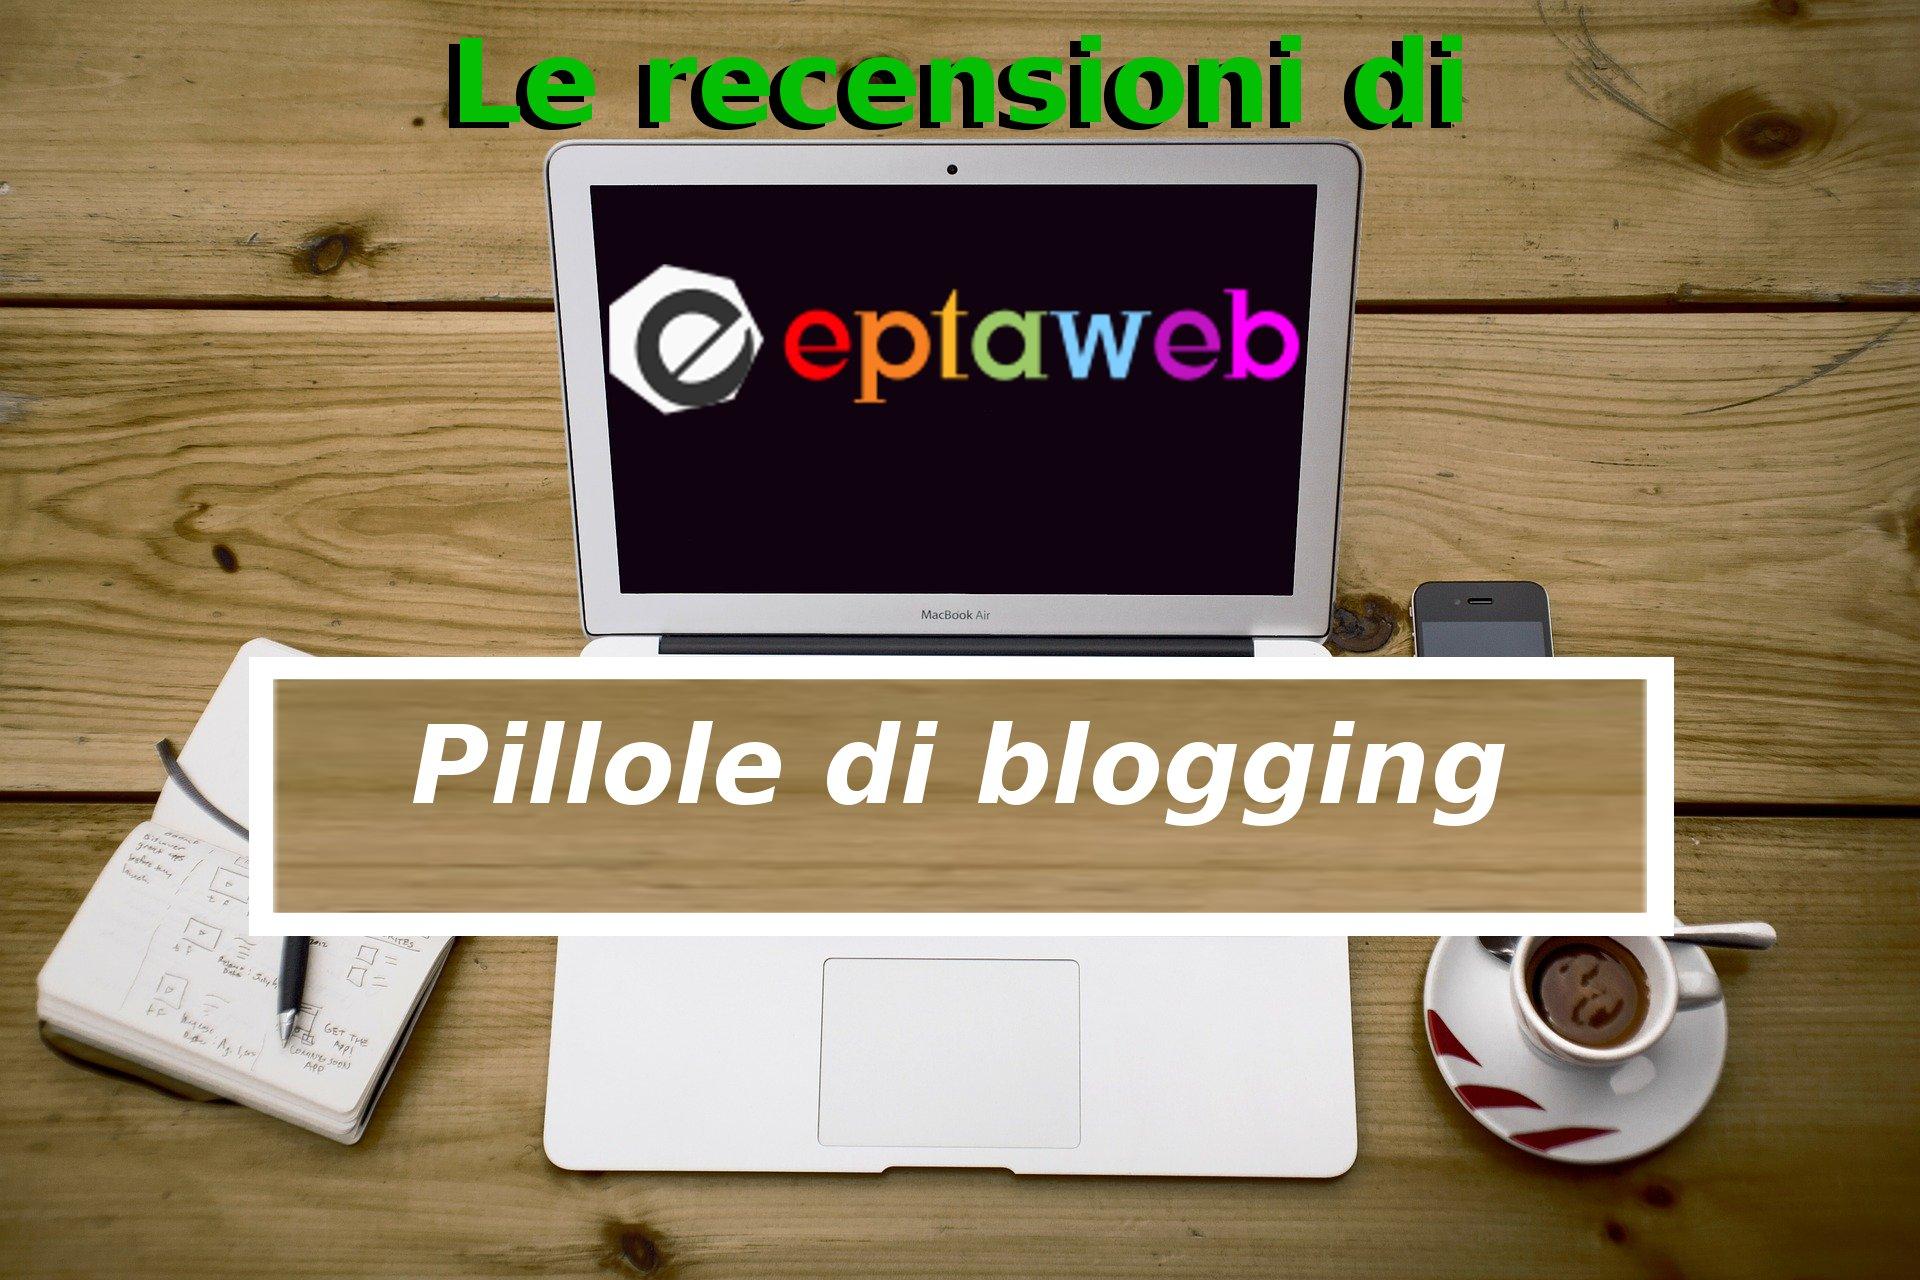 pillole_di_blogging1